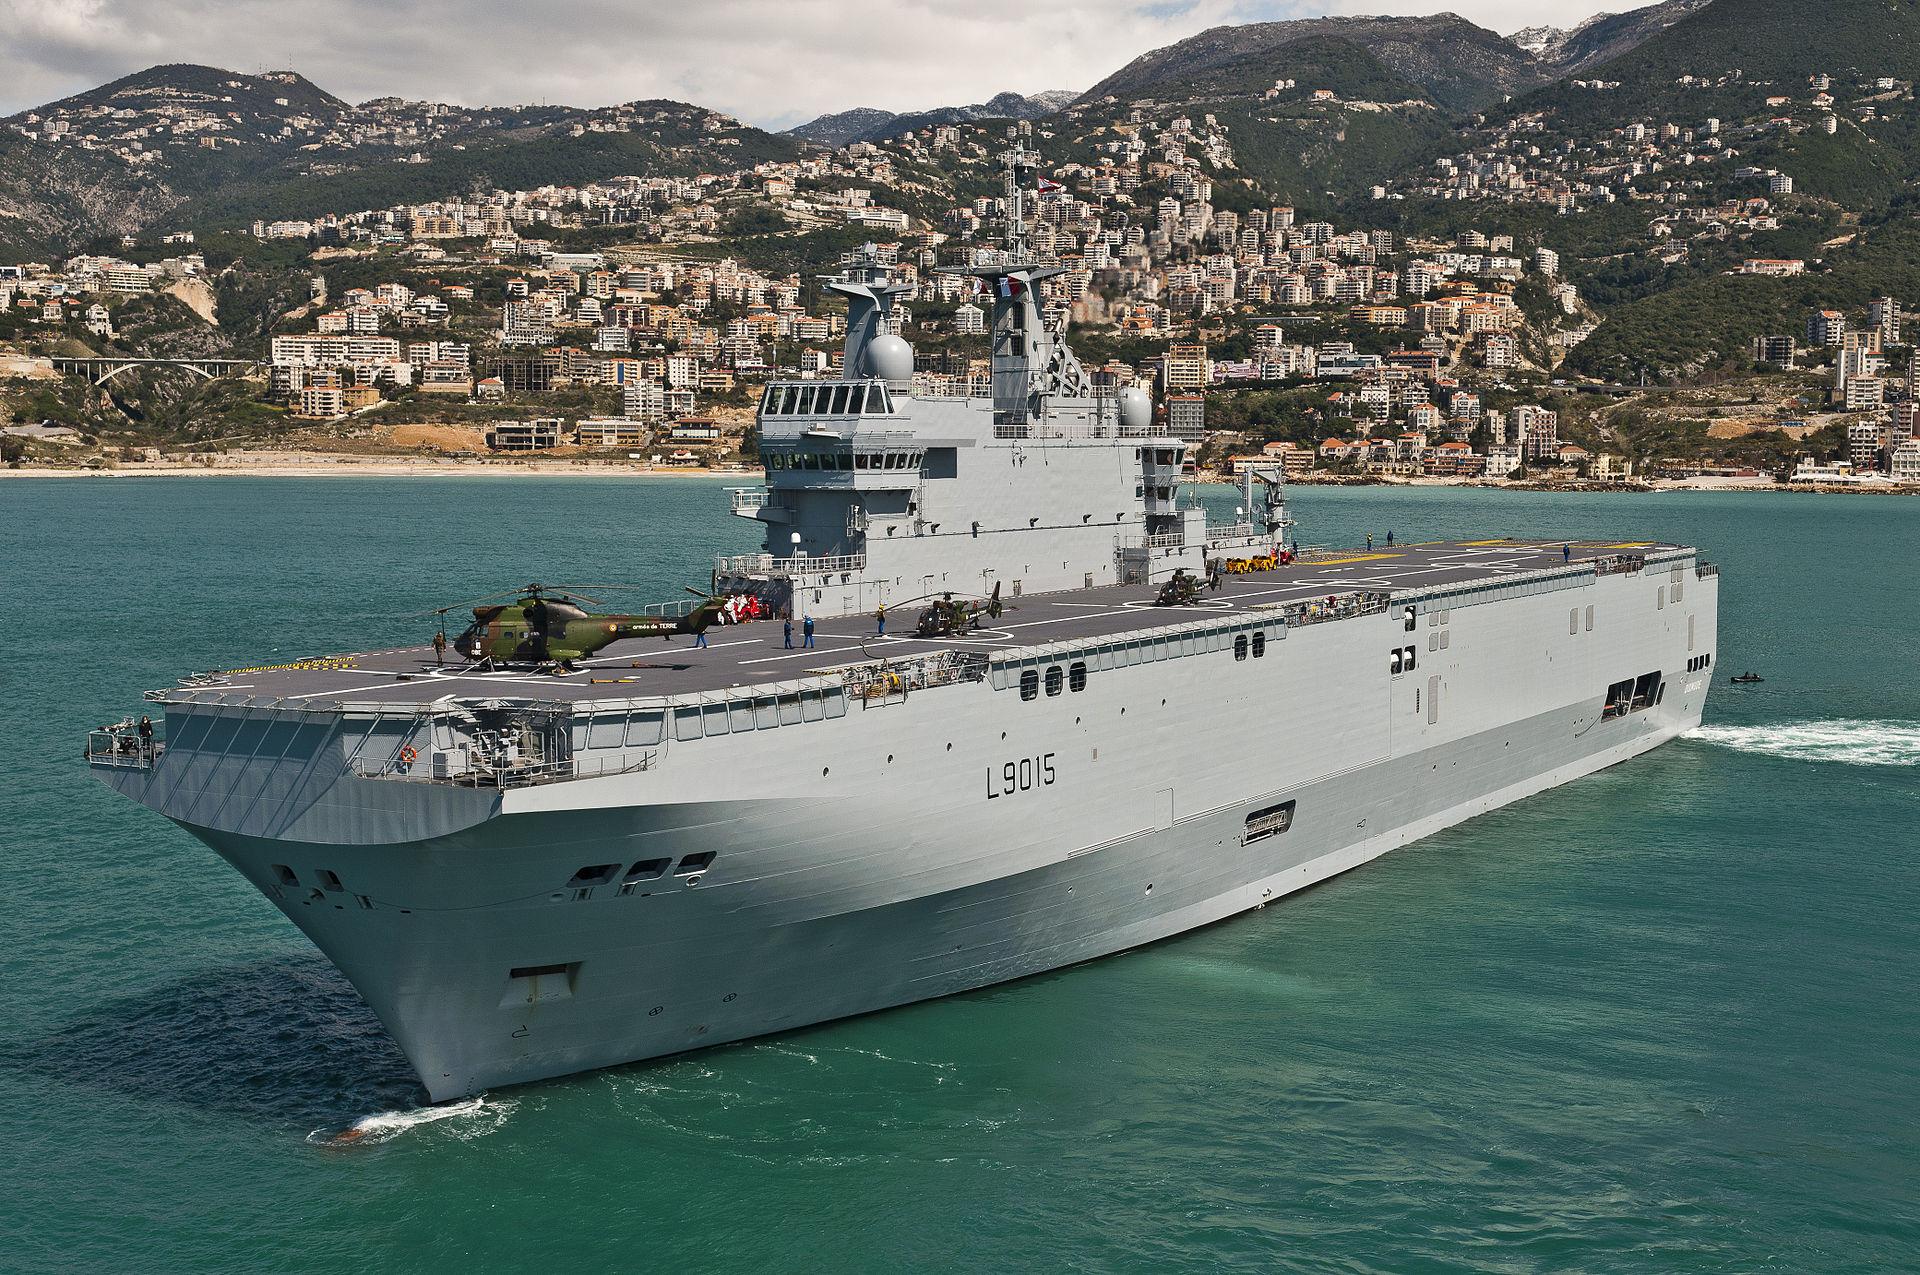 Γάλλος Πρέσβης: Σημαντικός εταίρος για εμάς η Ελλάδα – Ψευτοσυμφωνία το Μνημόνιο Συνεργασίας Τουρκίας-Λιβύης